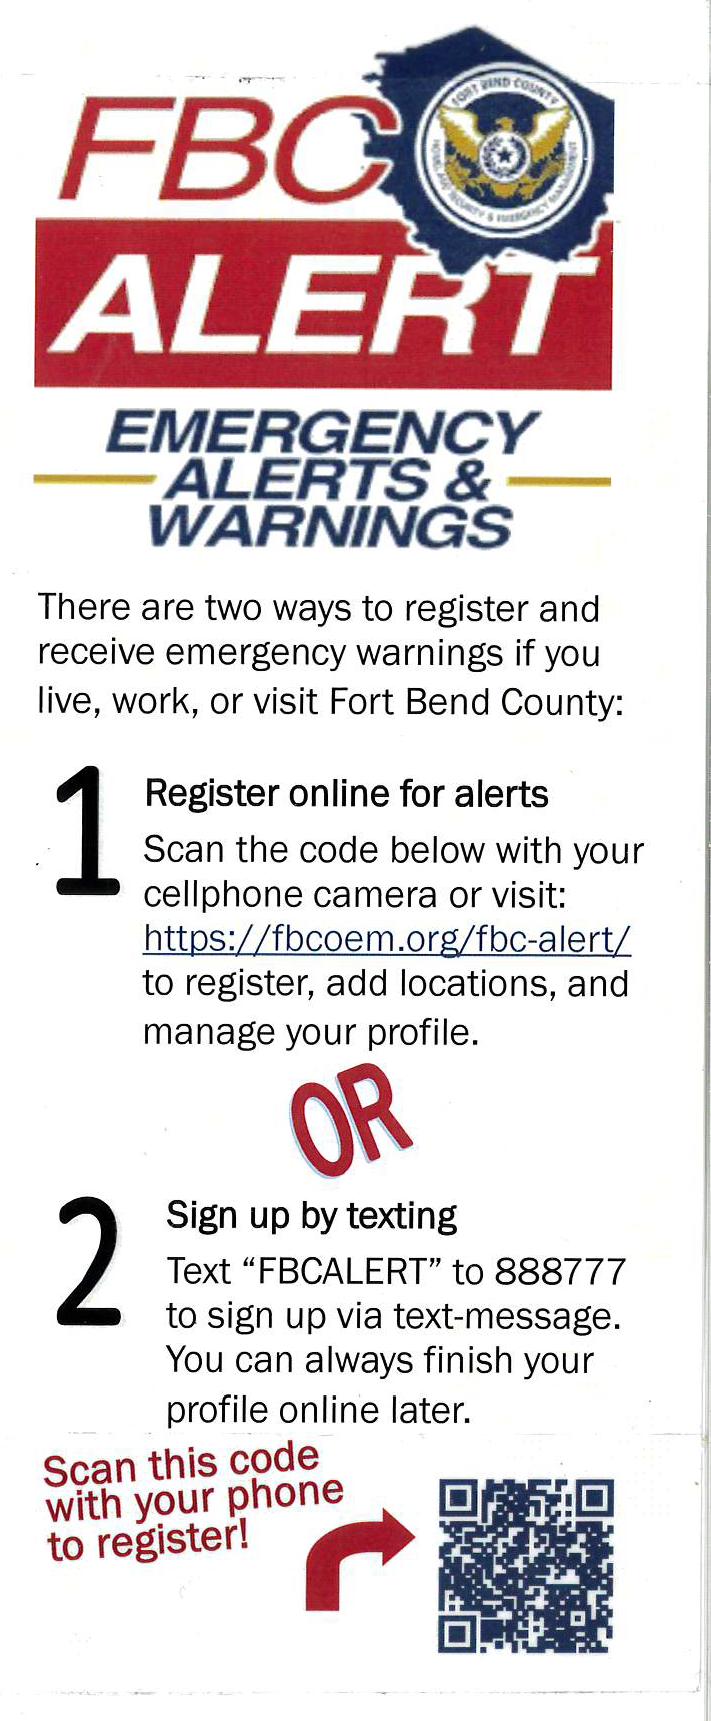 FBC Alert Emergency Alerts & Warnings